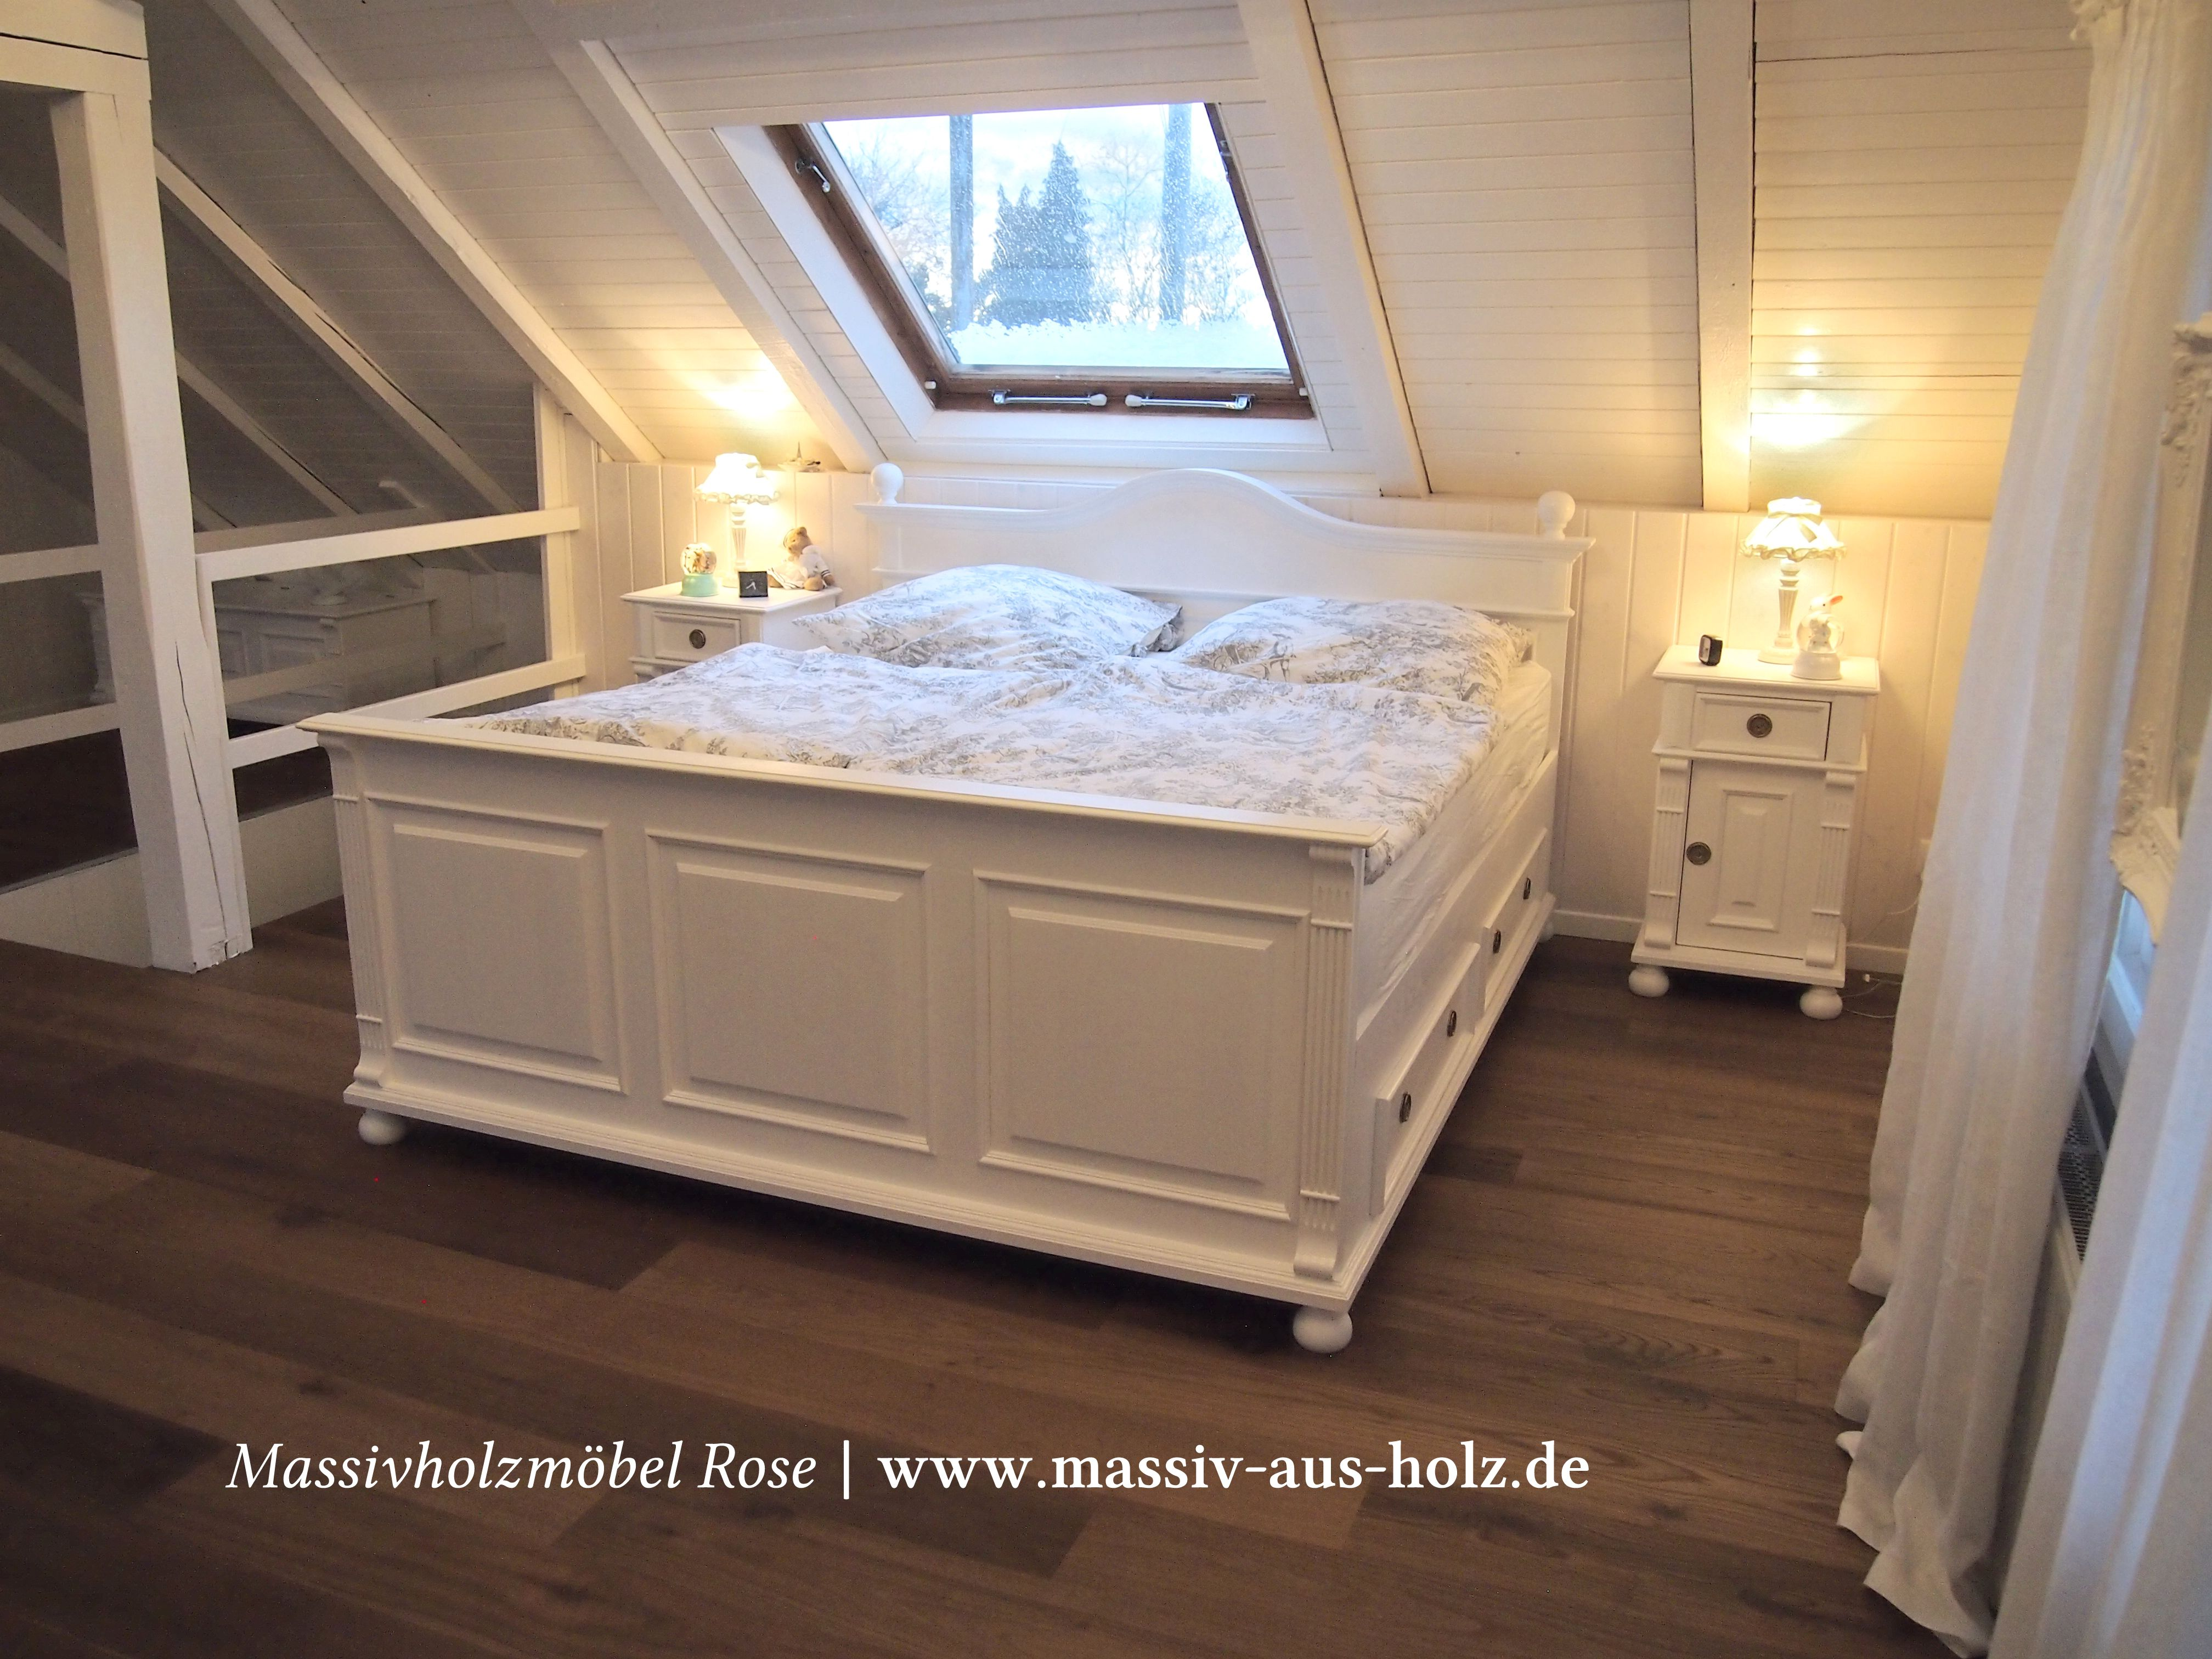 Künstlerisch Massiv Aus Holz Das Beste Von Schlafen Im Stil, Www.massiv-aus-holz.de #home #